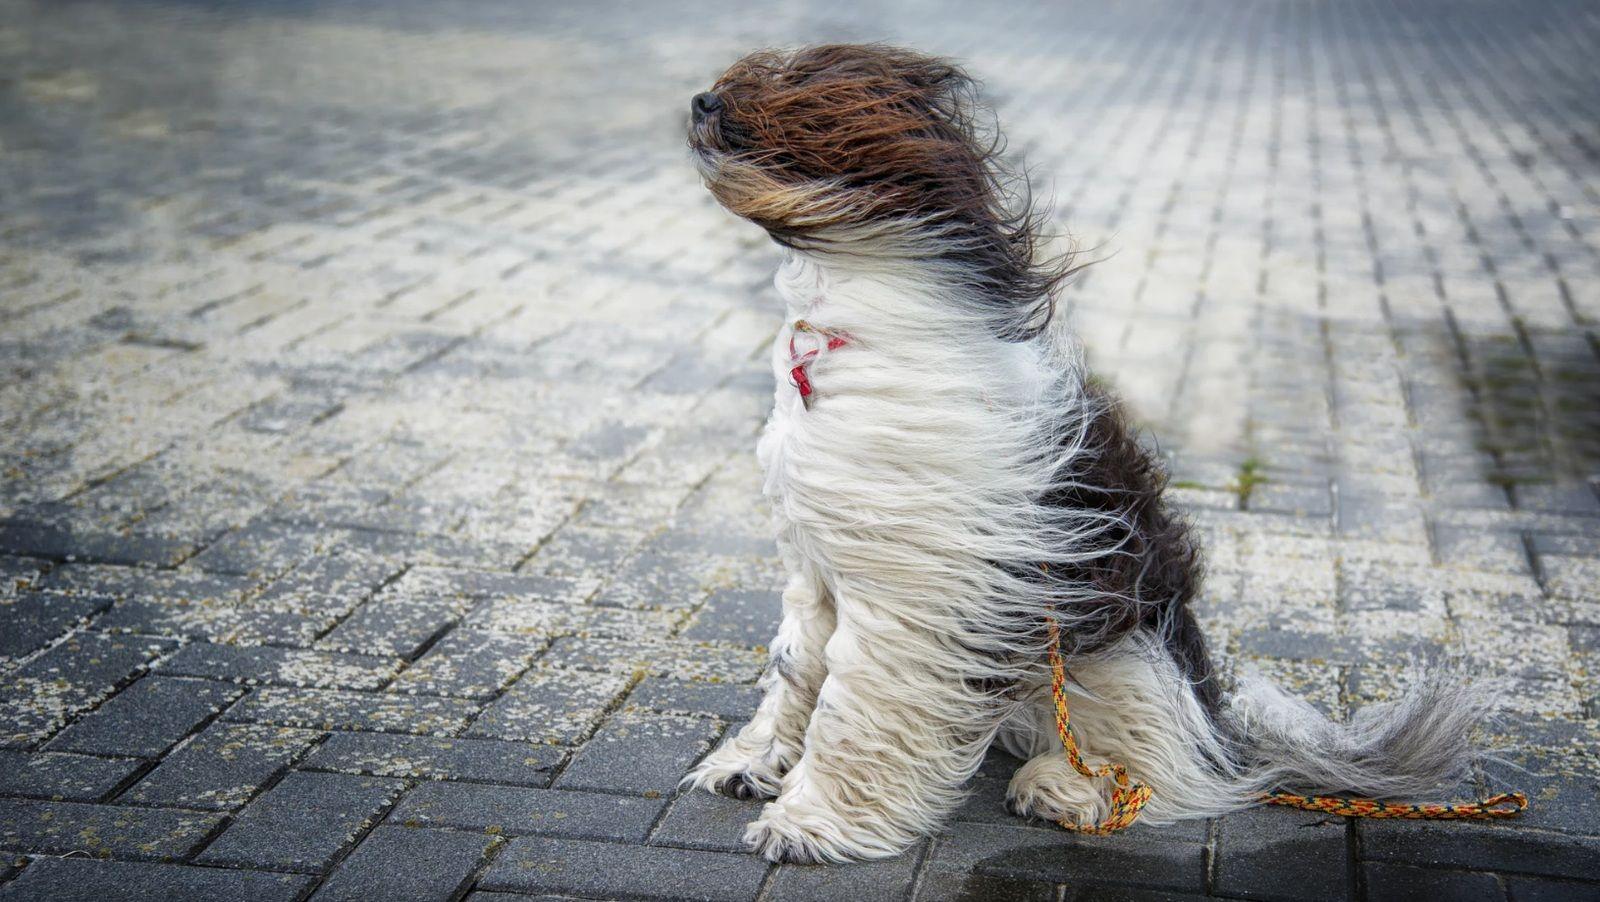 Ввыходные наСтаврополье предполагается сильный ветер